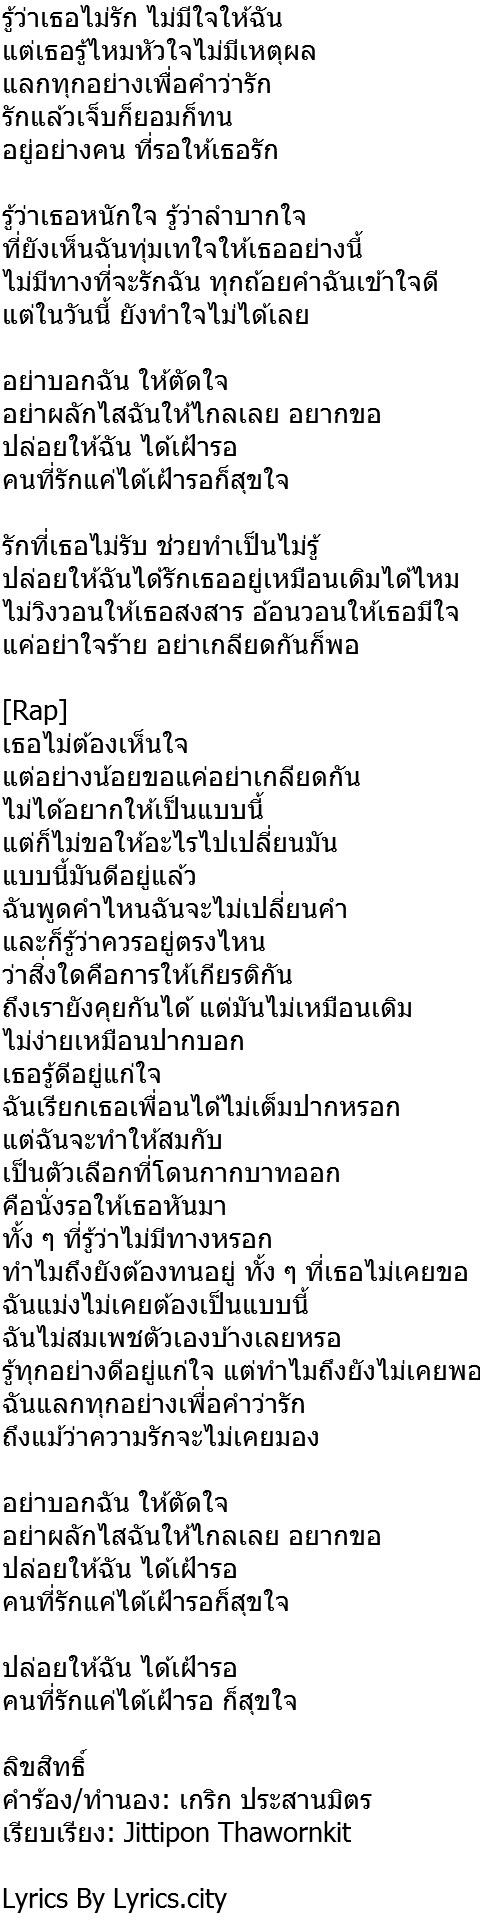 เนื้อเพลง อย่าเกลียดกันก็พอ - Lipta Feat. Maiyarap (ไมยราพ)